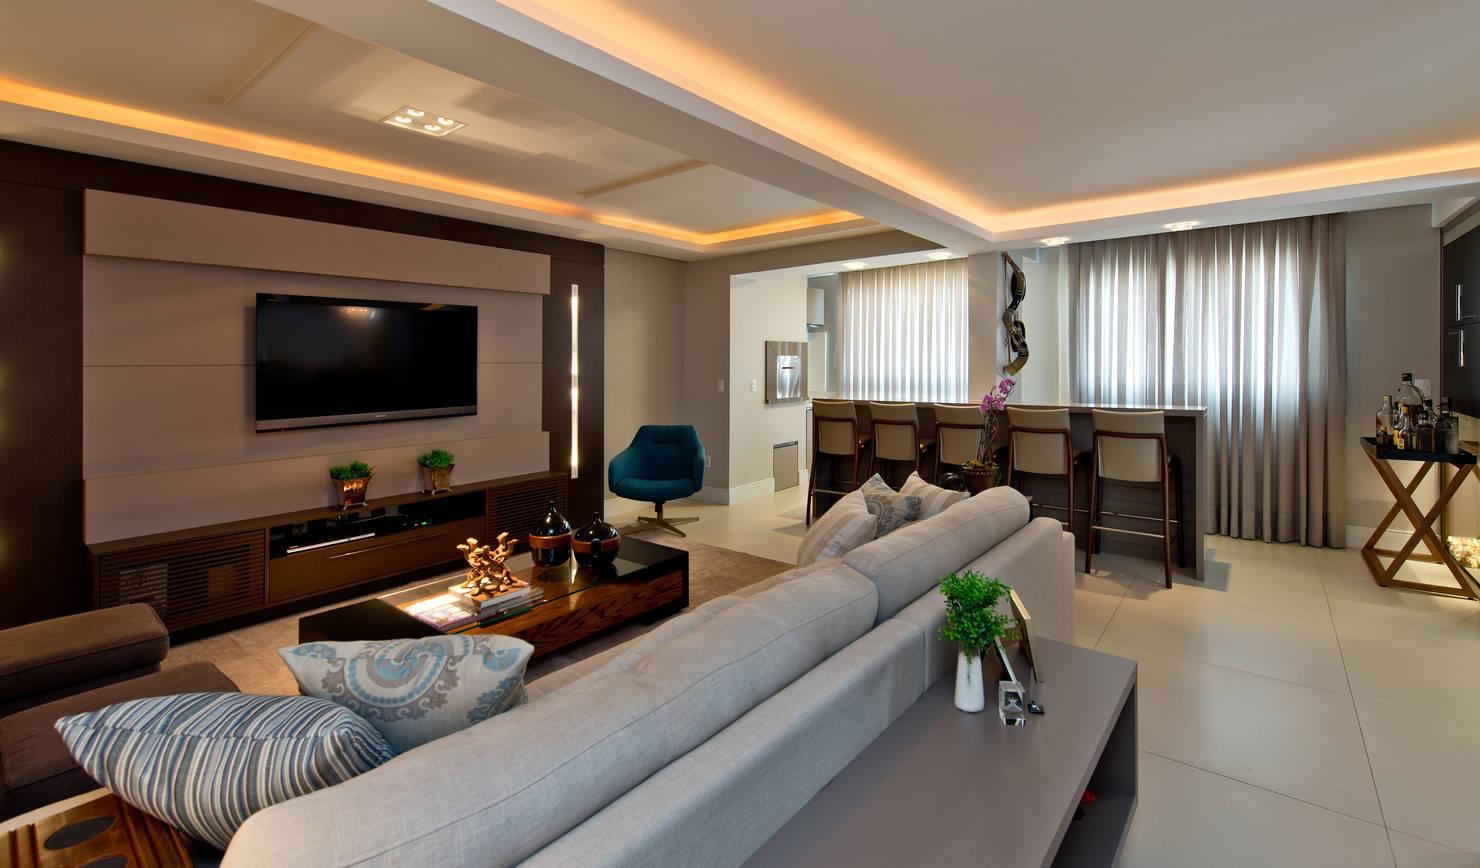 Maravilhoso e moderno: dois apartamentos transformados em um